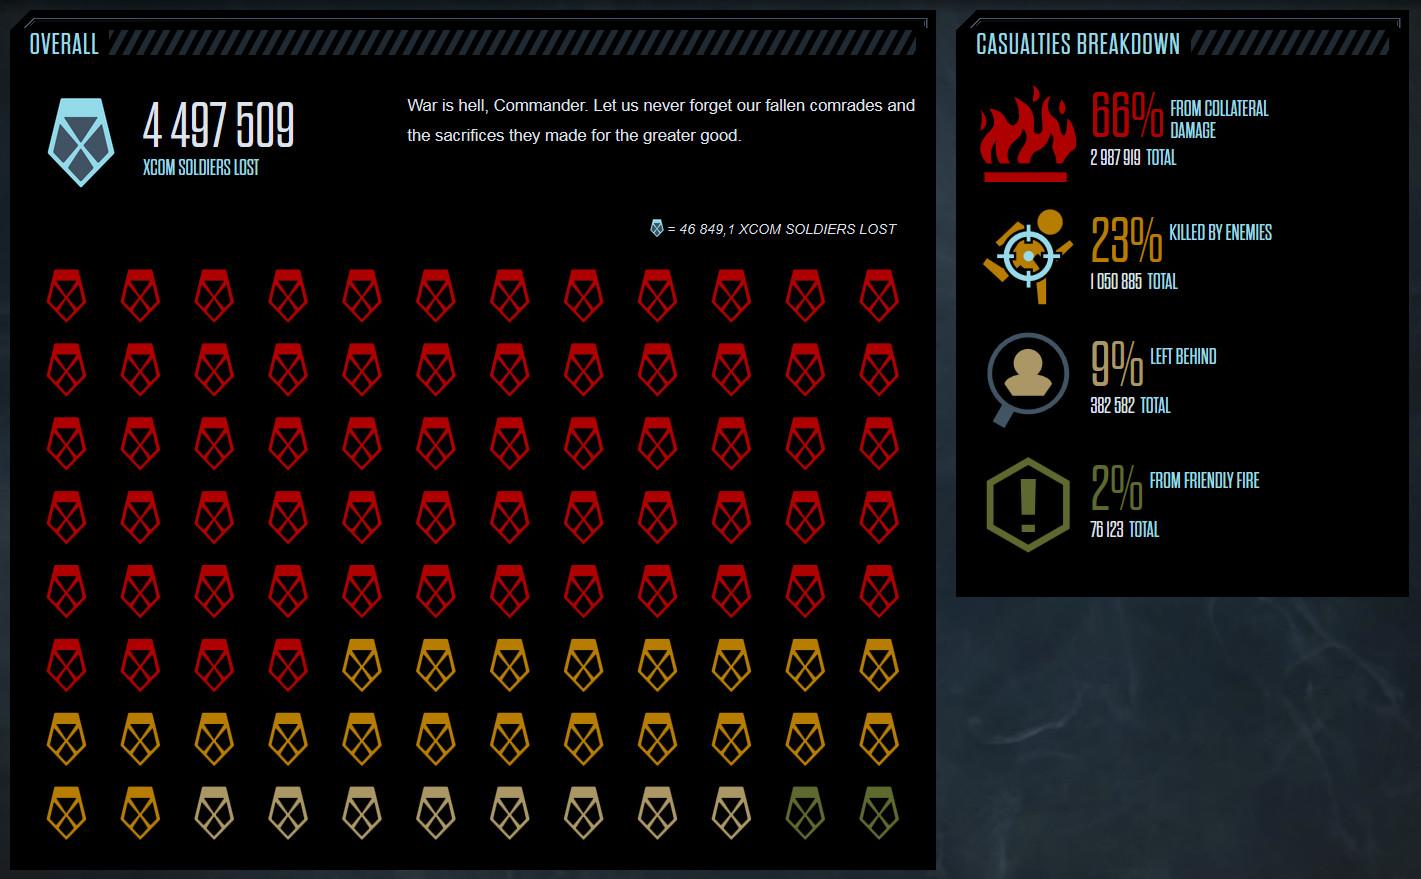 Statistiques XCOM 2